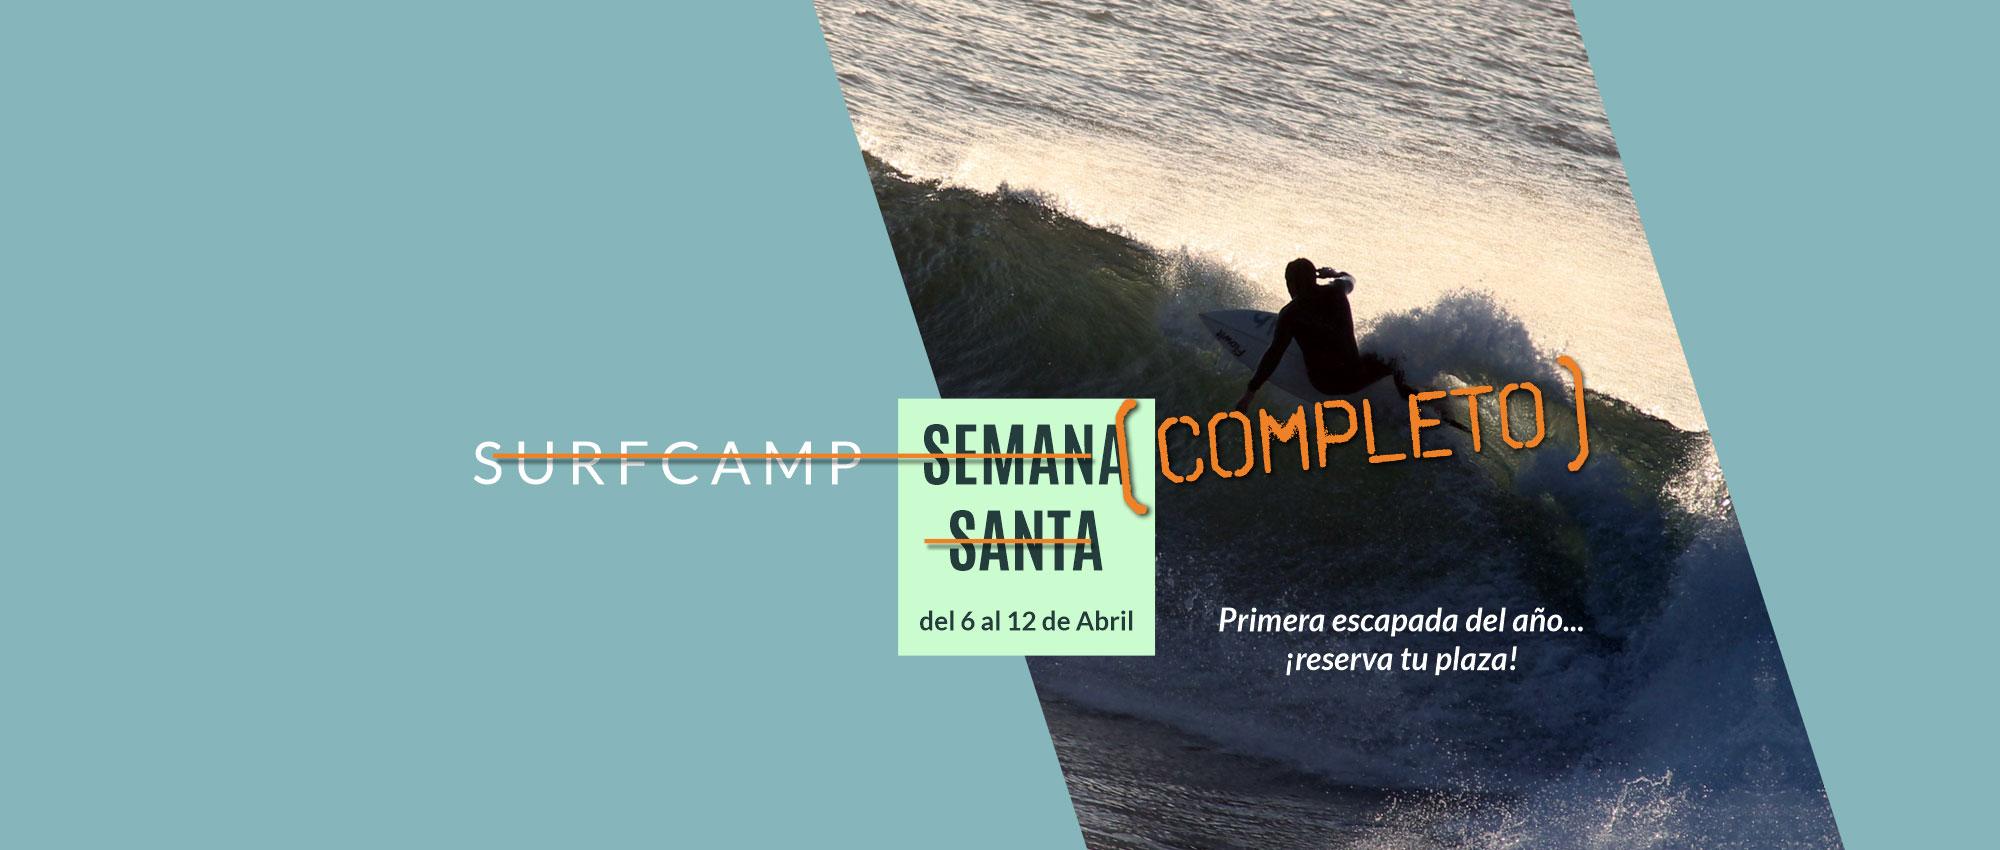 Surfcamp Semana Santa 2020